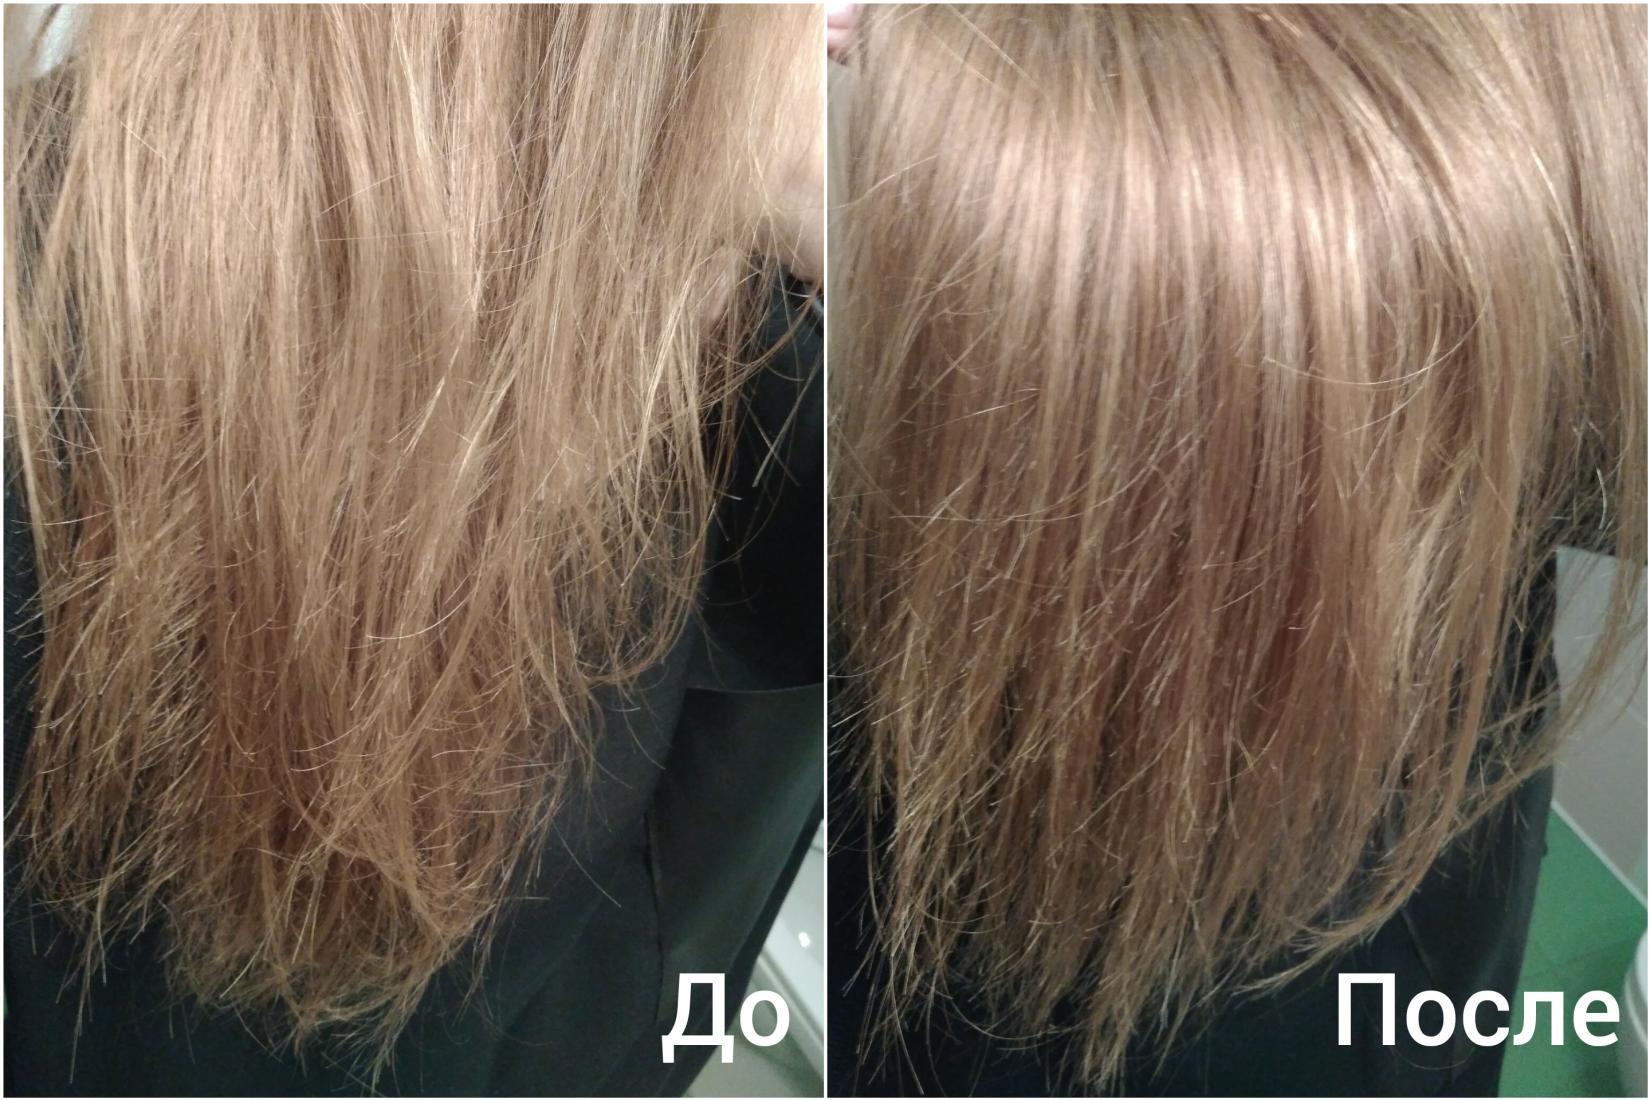 Восстанавливающее масло Londa Velvet Oil - результат, сравнение До и После